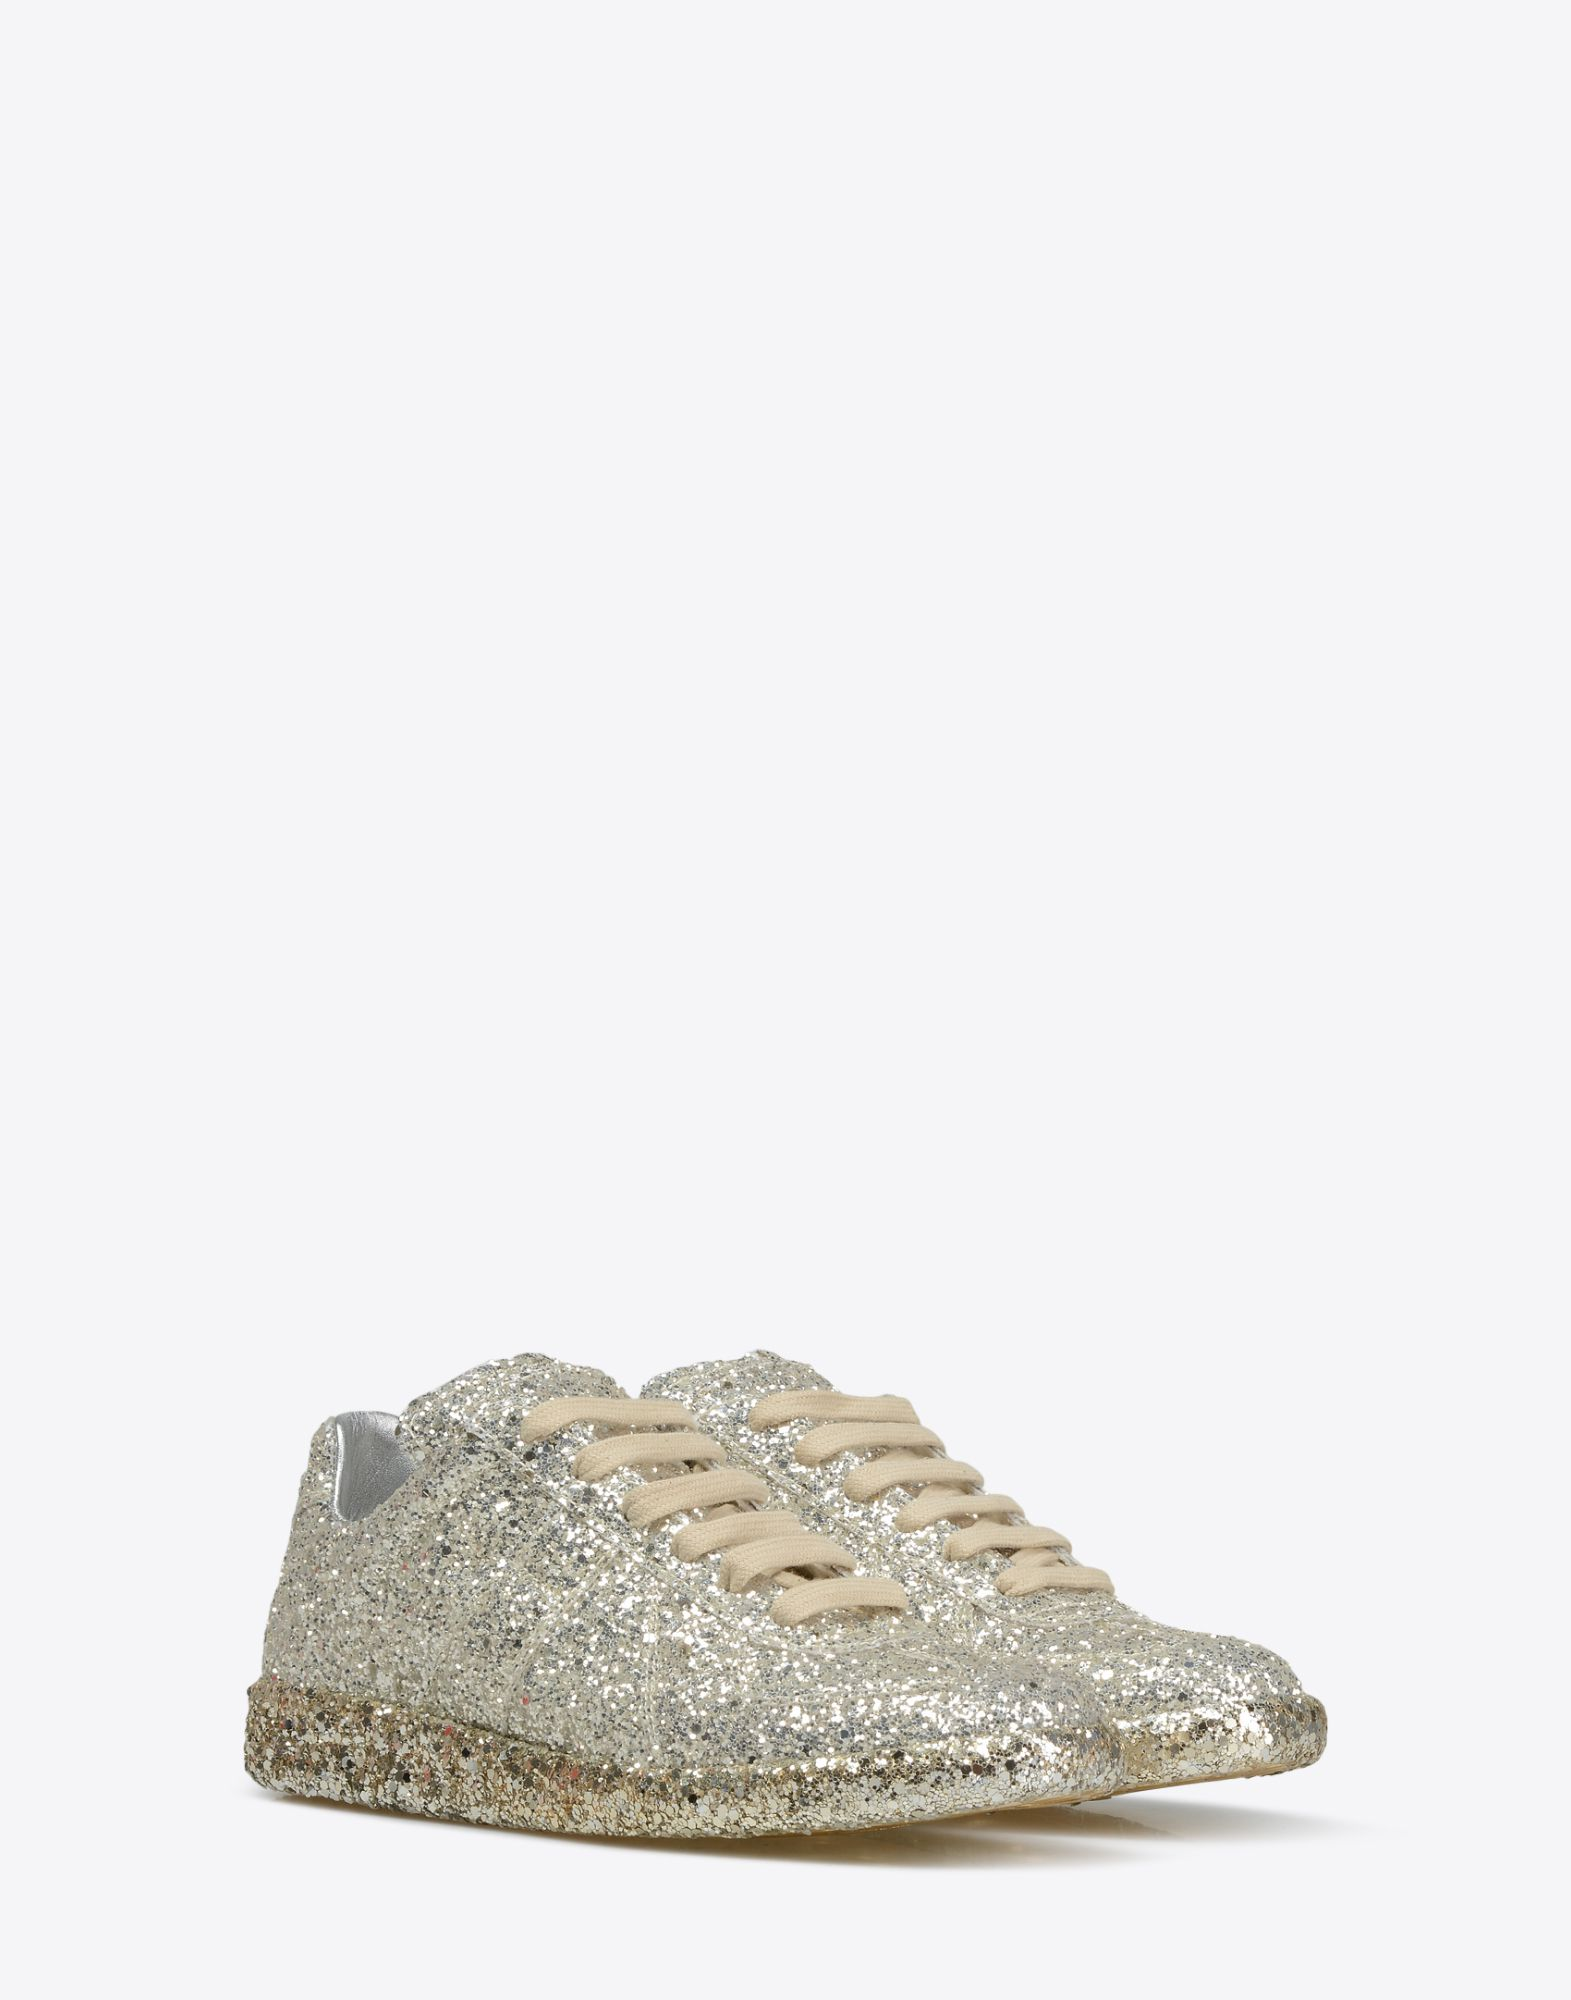 MAISON MARGIELA Sneakers «Replica» avec paillettes Sneakers Femme r